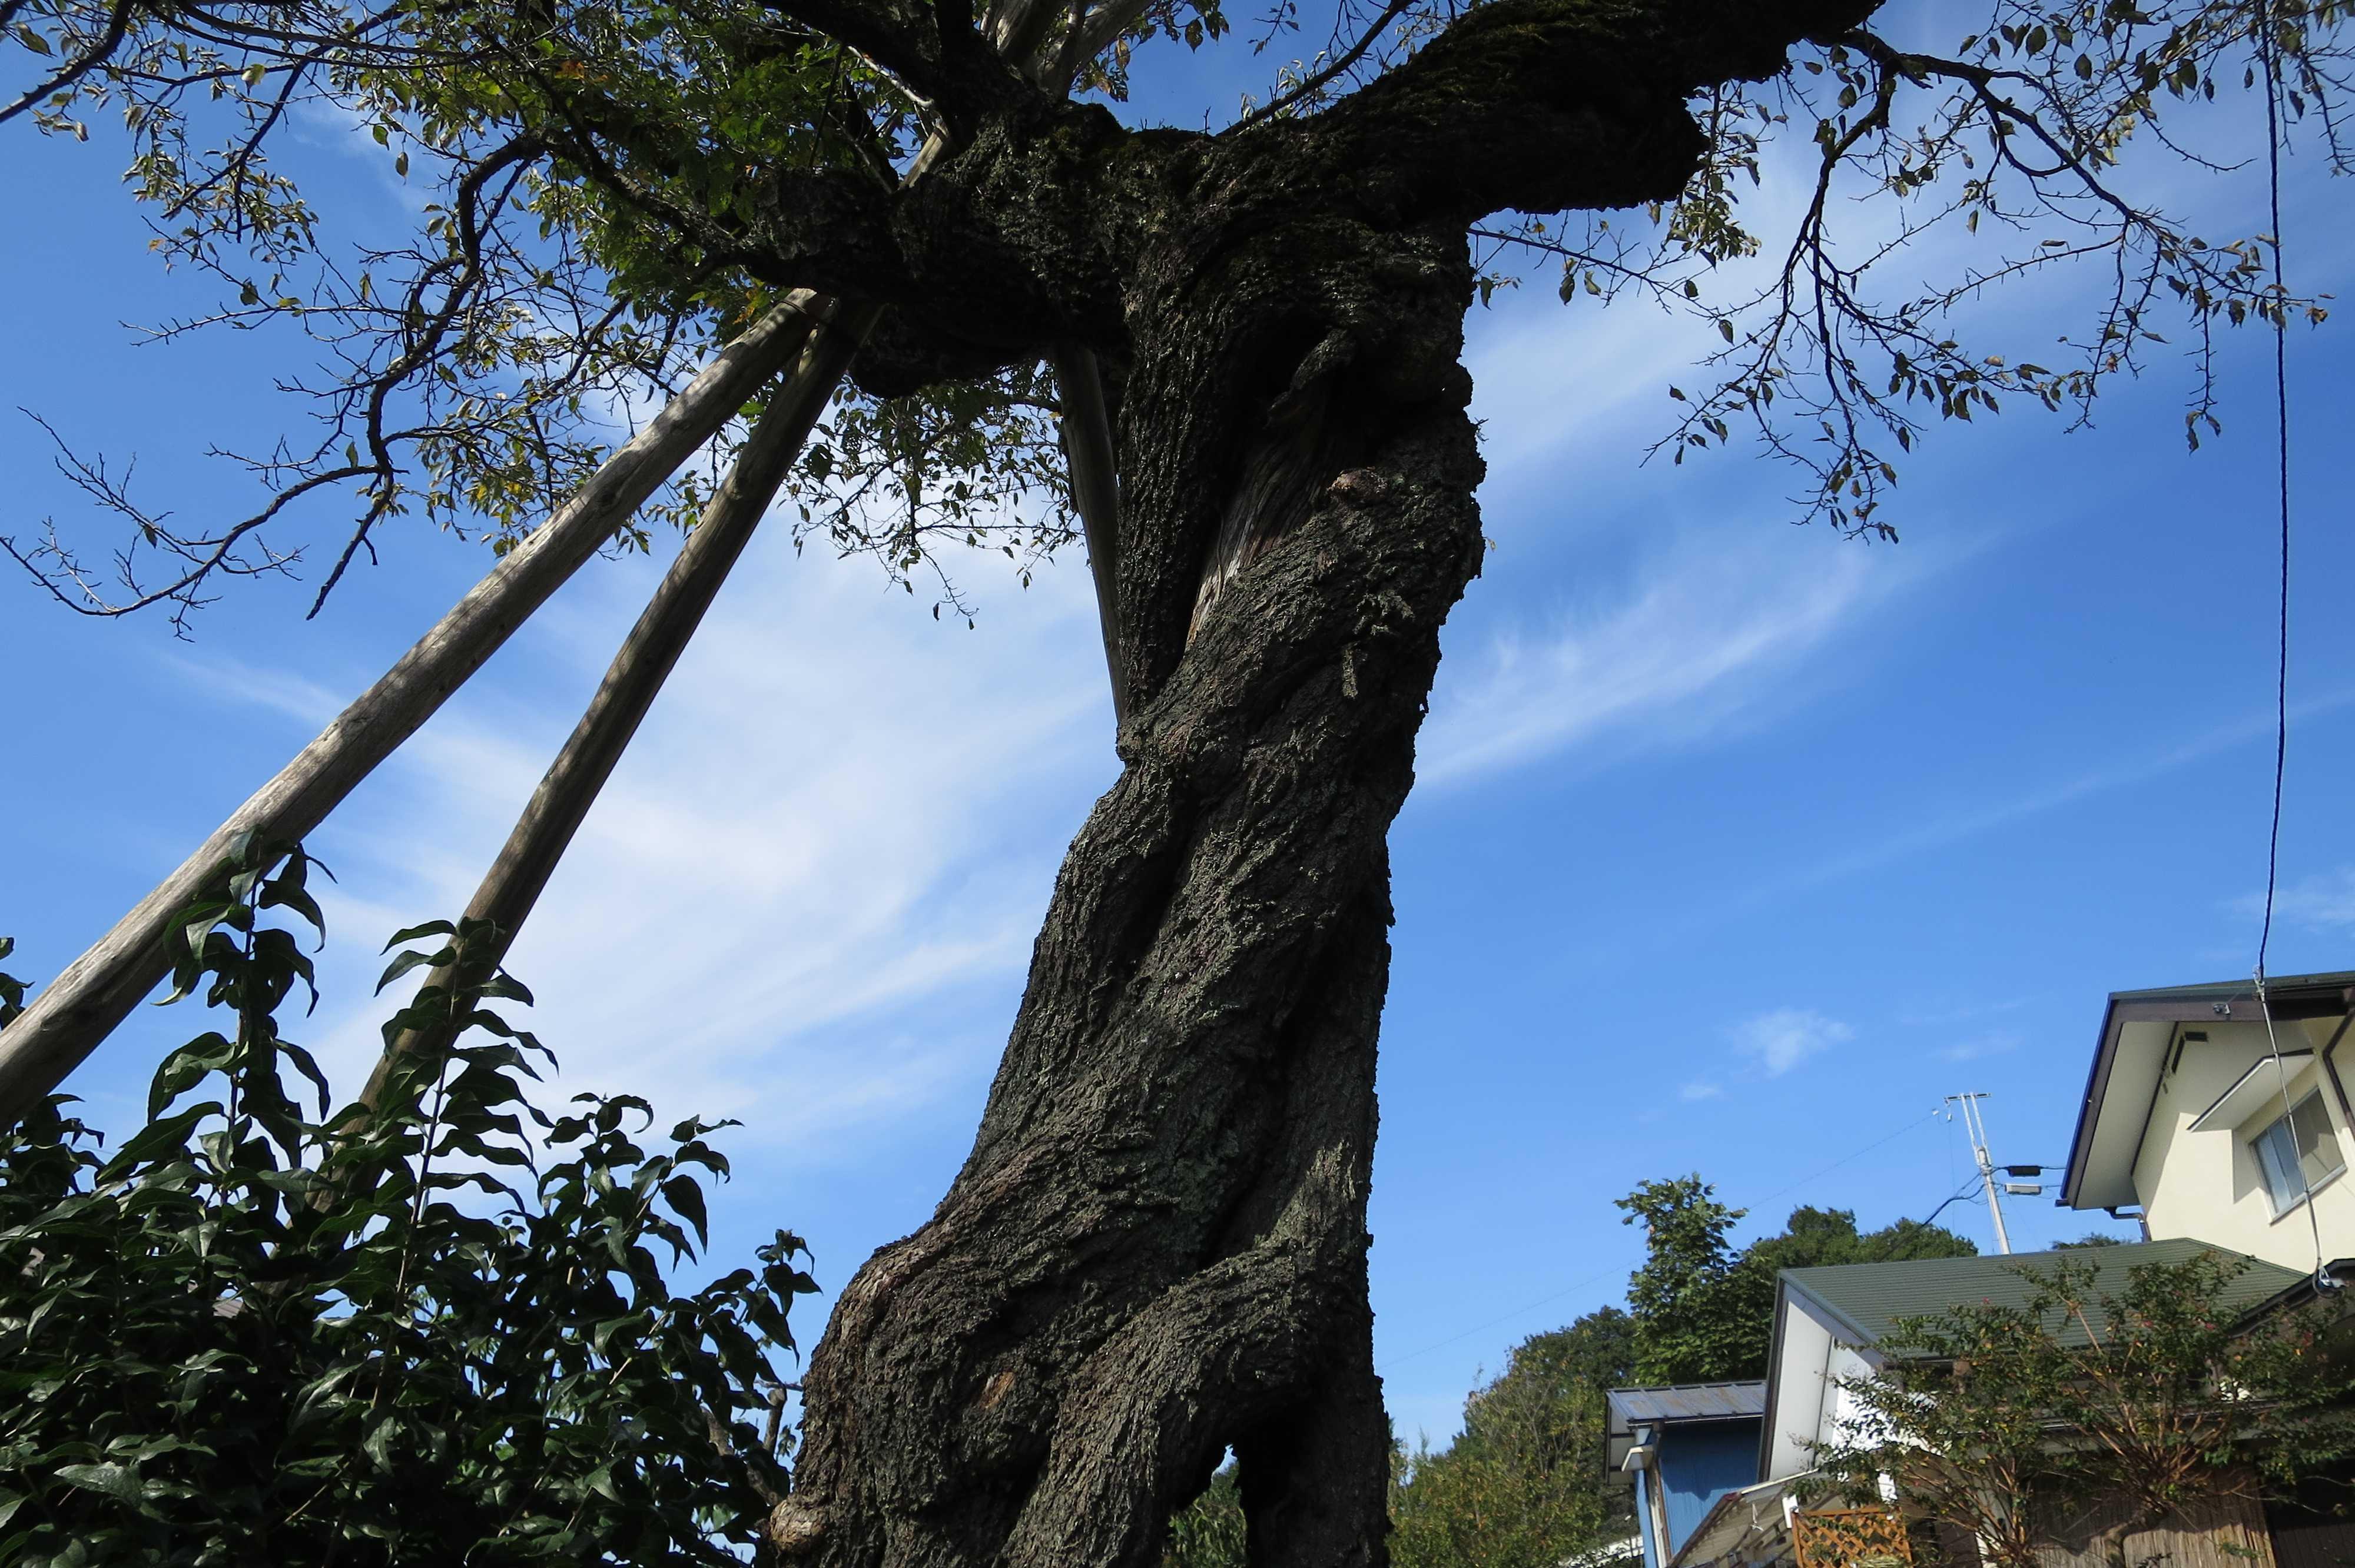 幹がねじれた面白い木